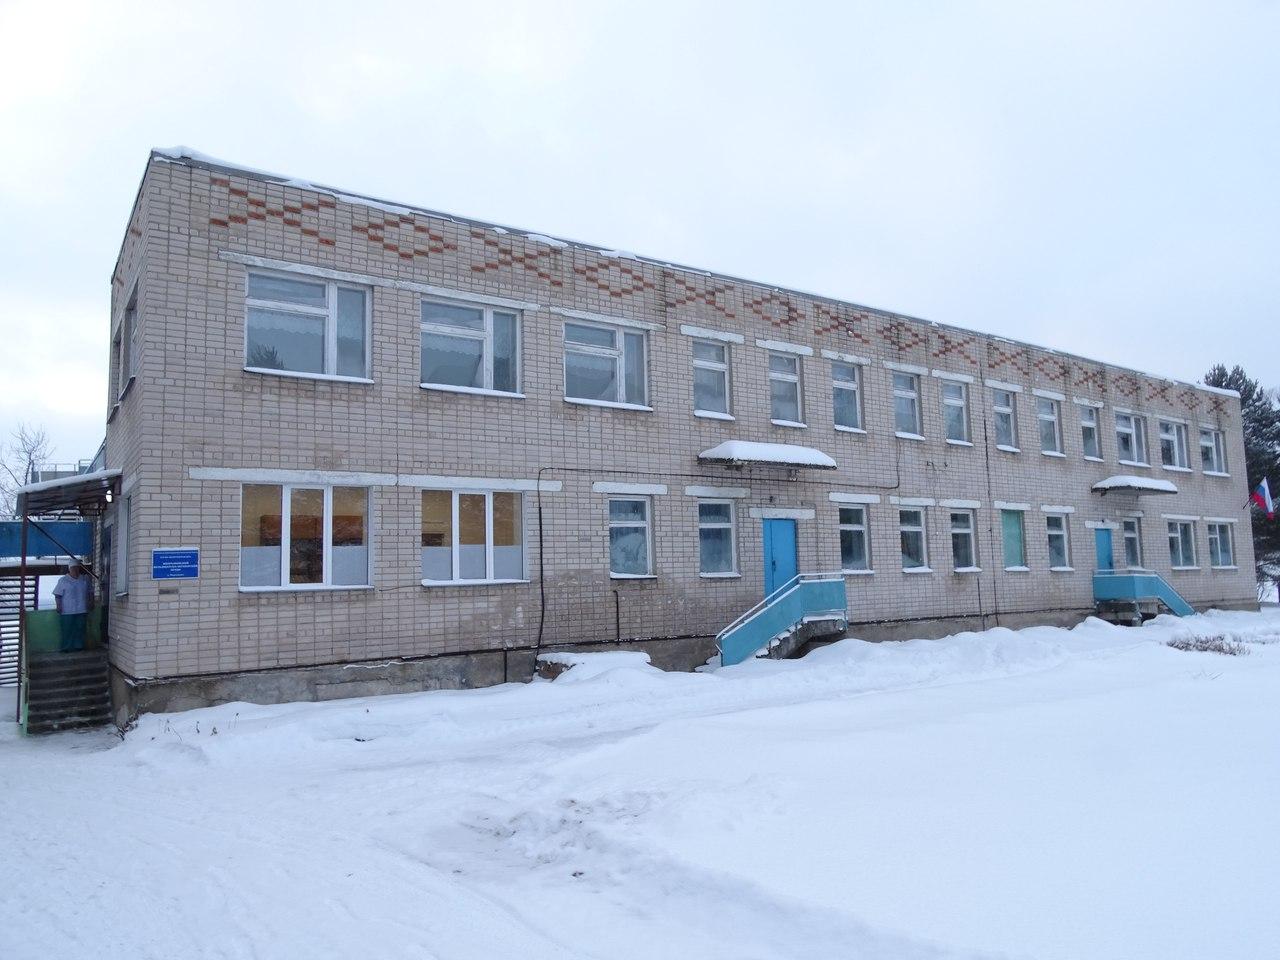 Мынчаковский фельдшерско-акушерский пункт в Вологодском районе открыли после капремонта